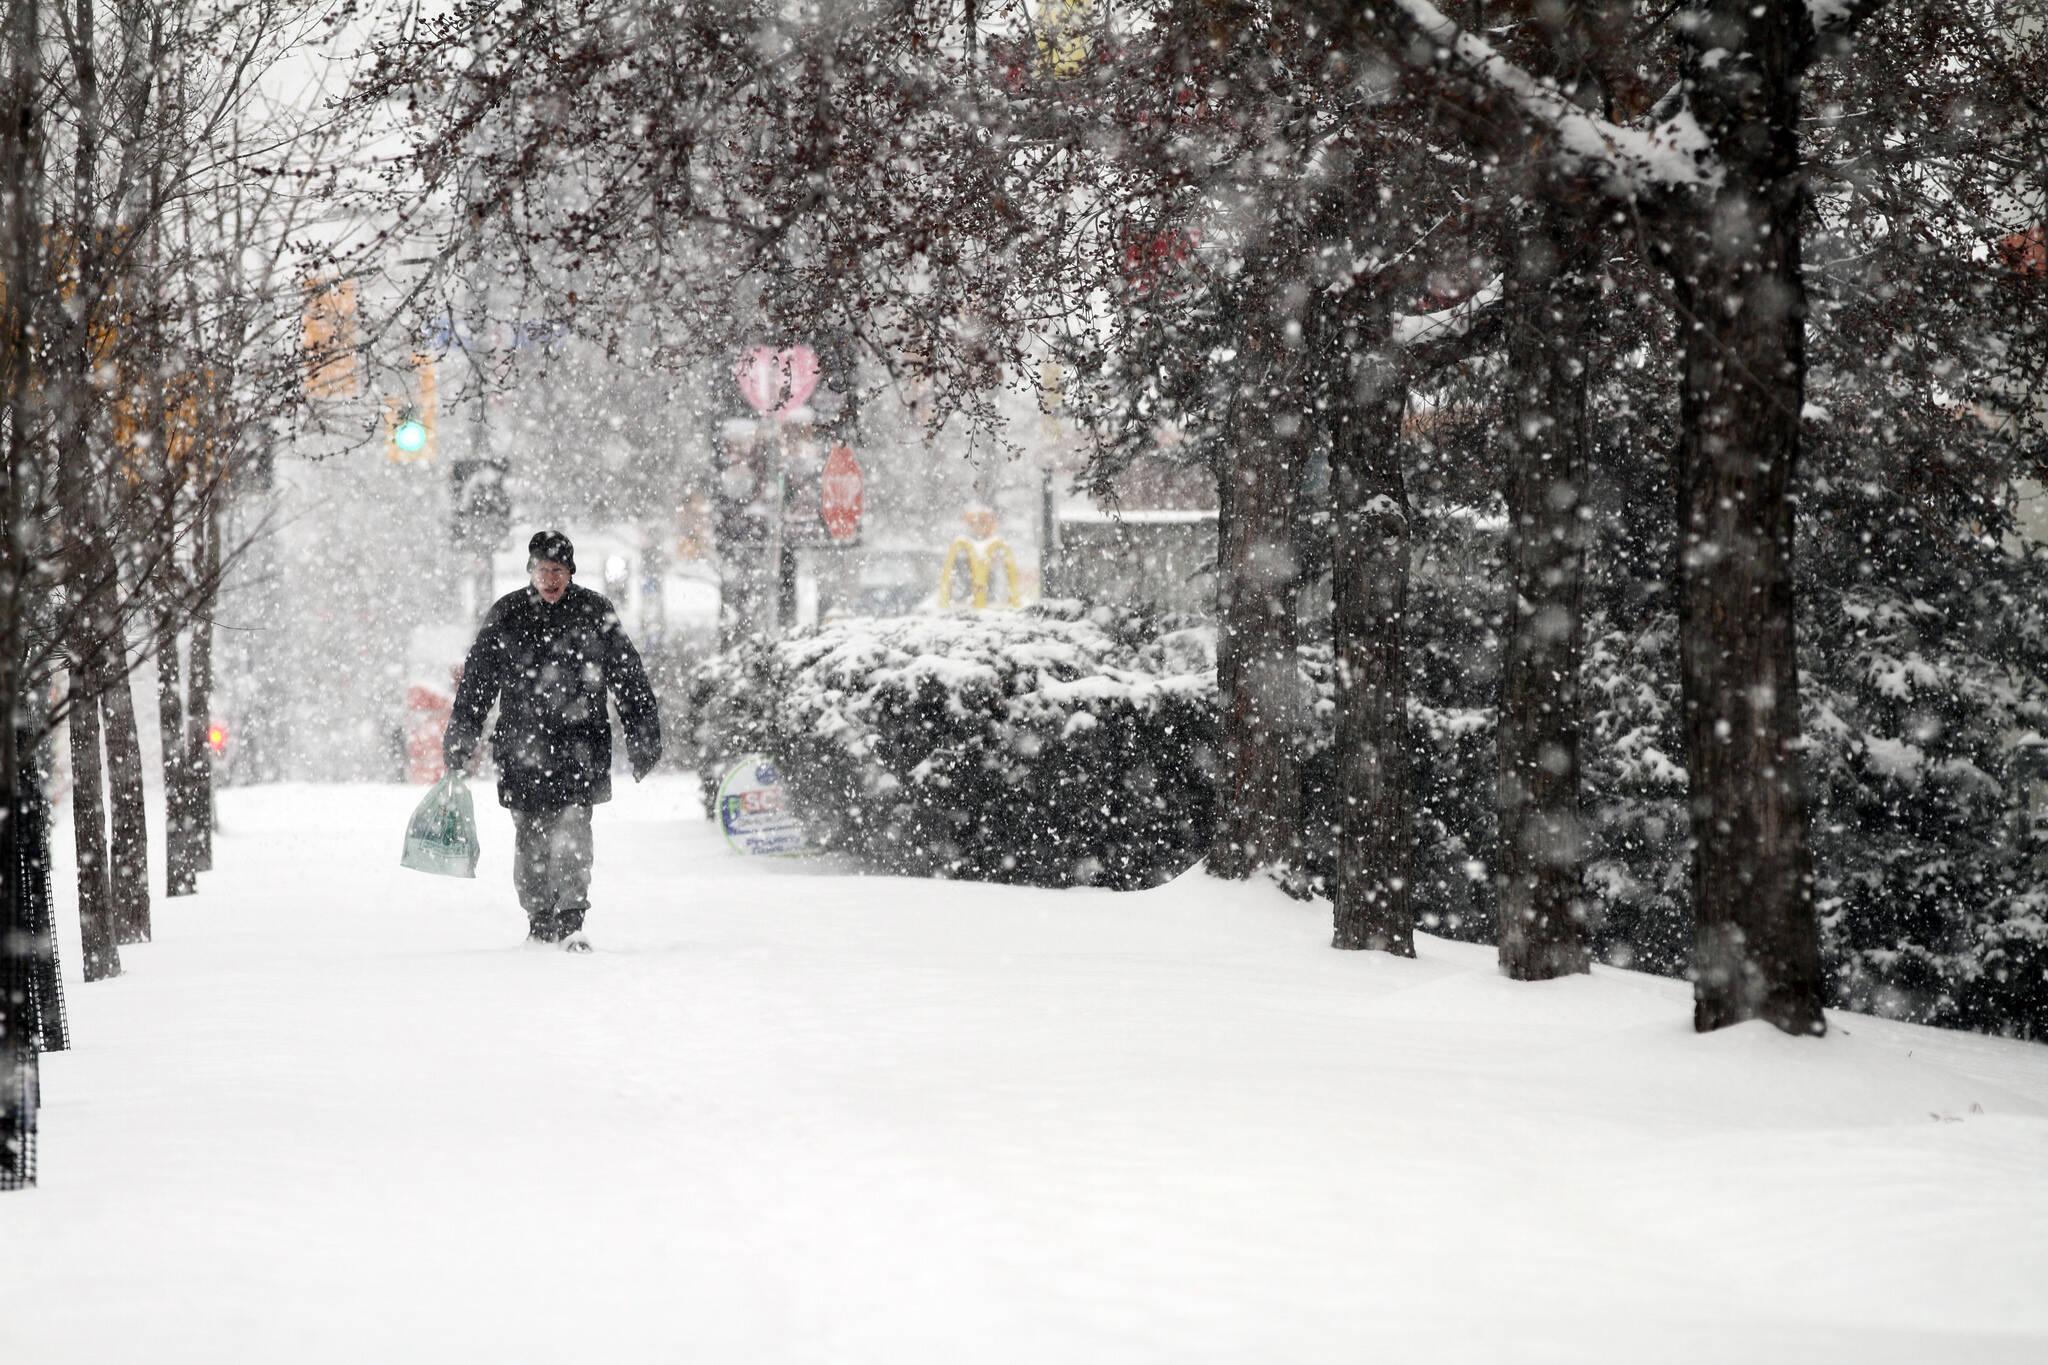 Toronto snow forecast